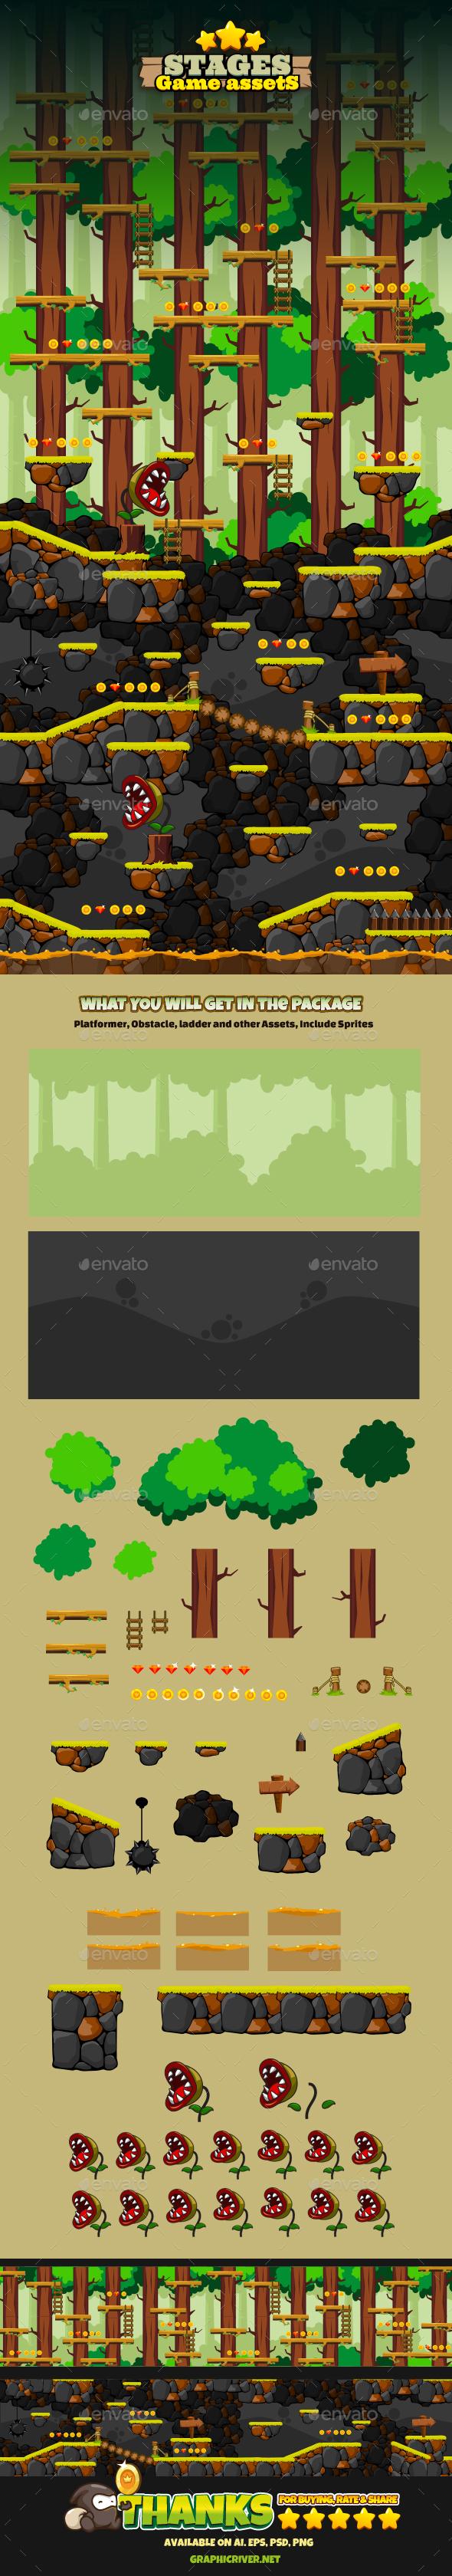 Game Stages v04 - Backgrounds Game Assets